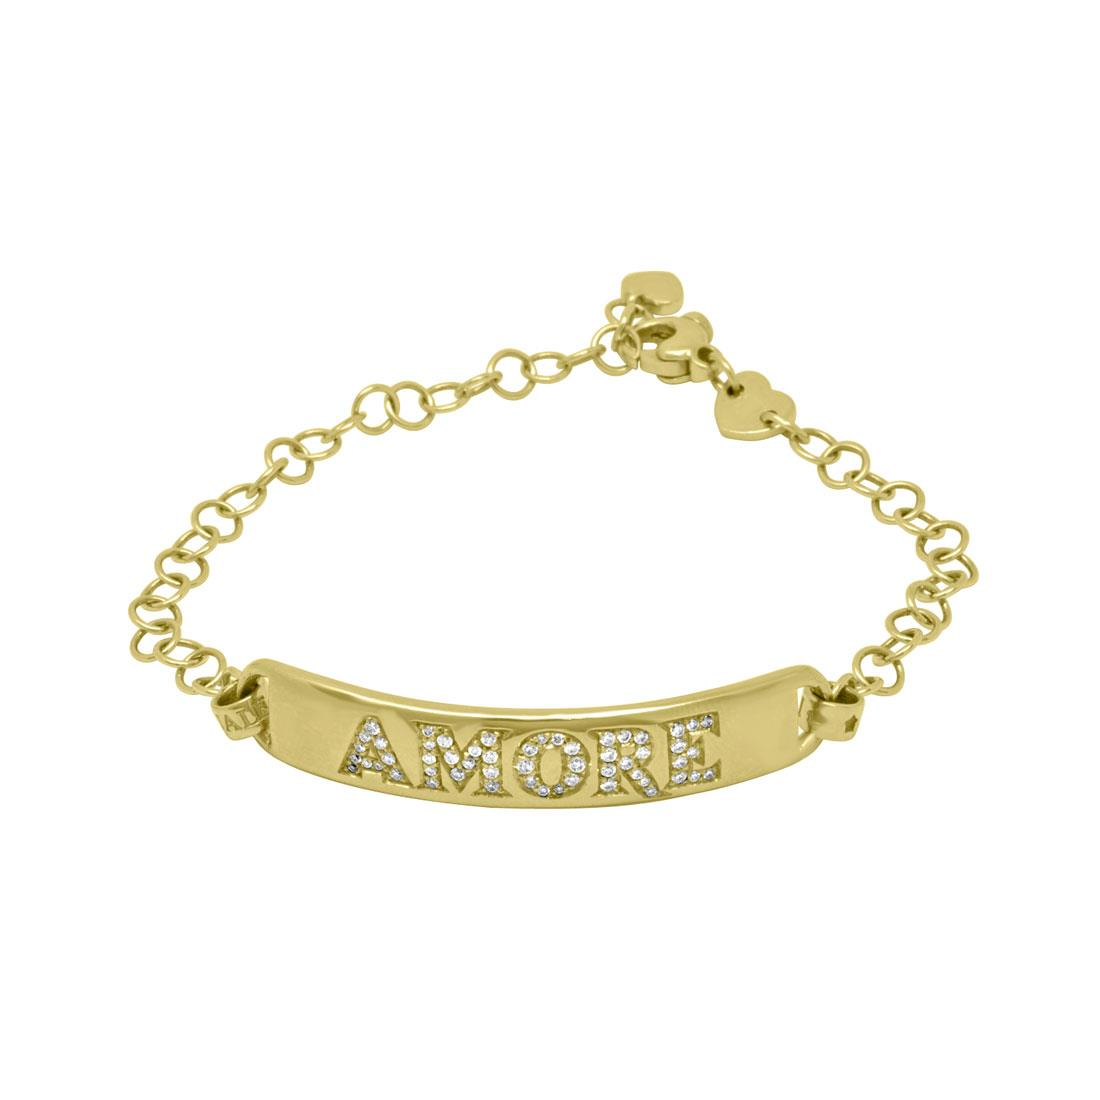 Bracciale in oro giallo Amore con diamanti - PASQUALE BRUNI